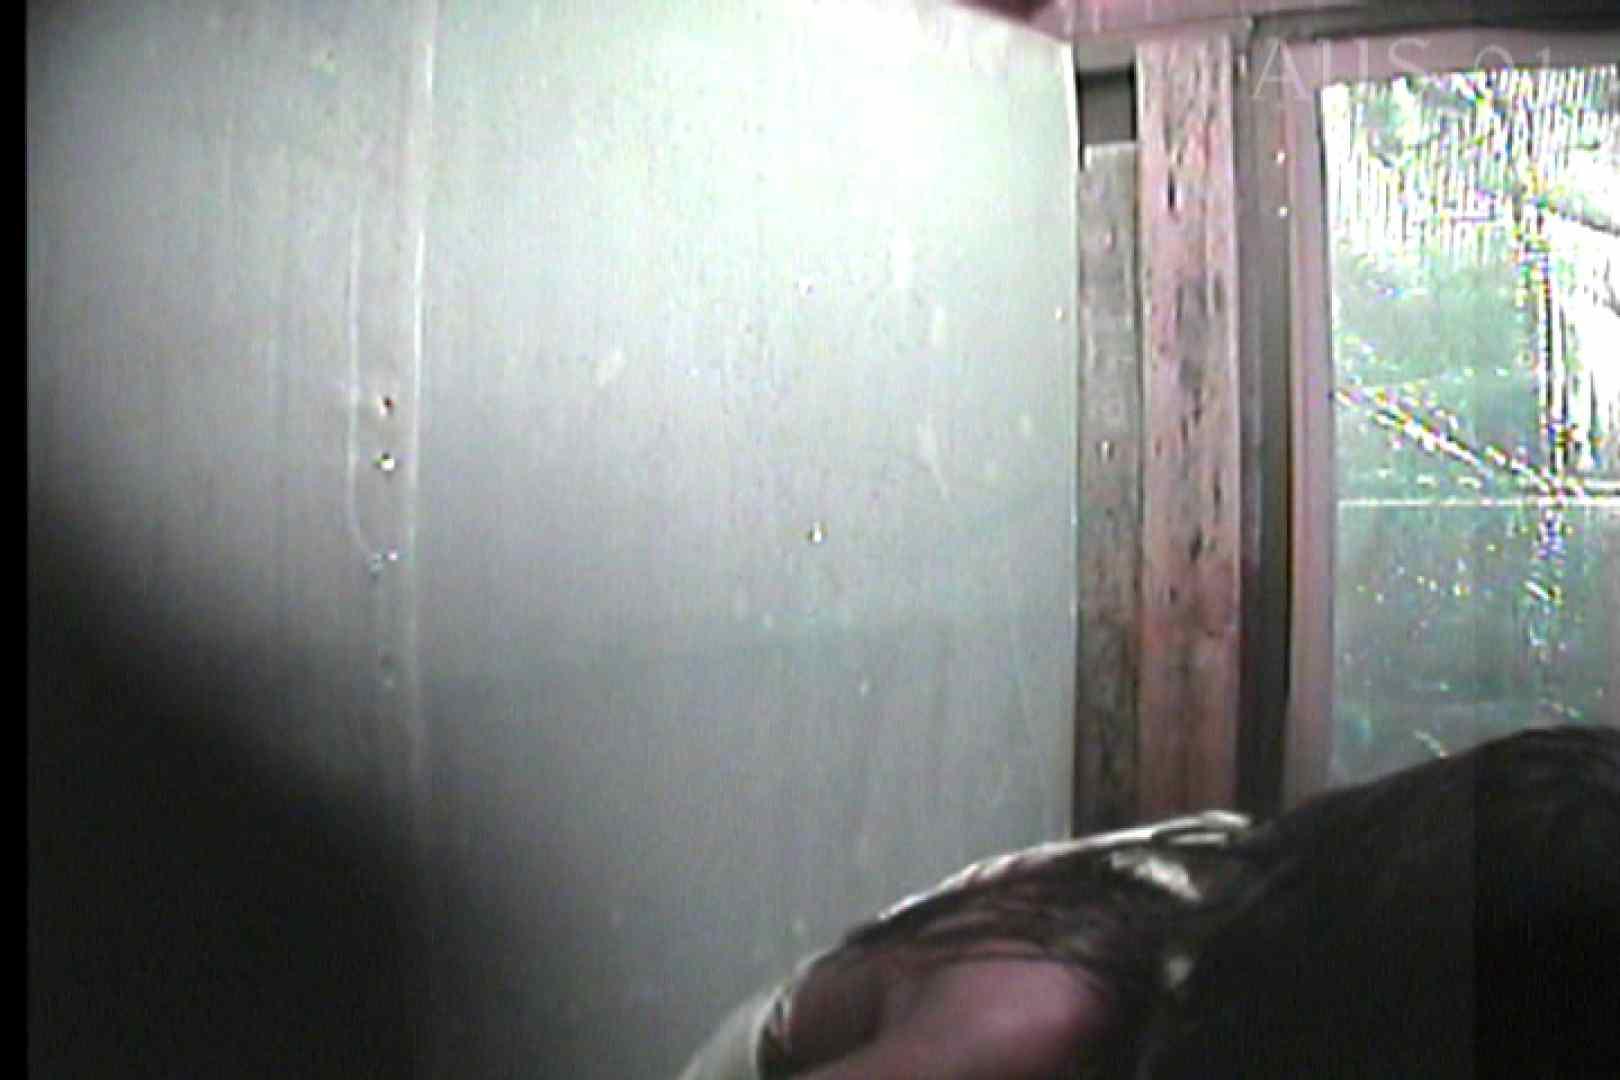 海の家の更衣室 Vol.05 シャワー室 ワレメ無修正動画無料 82画像 21